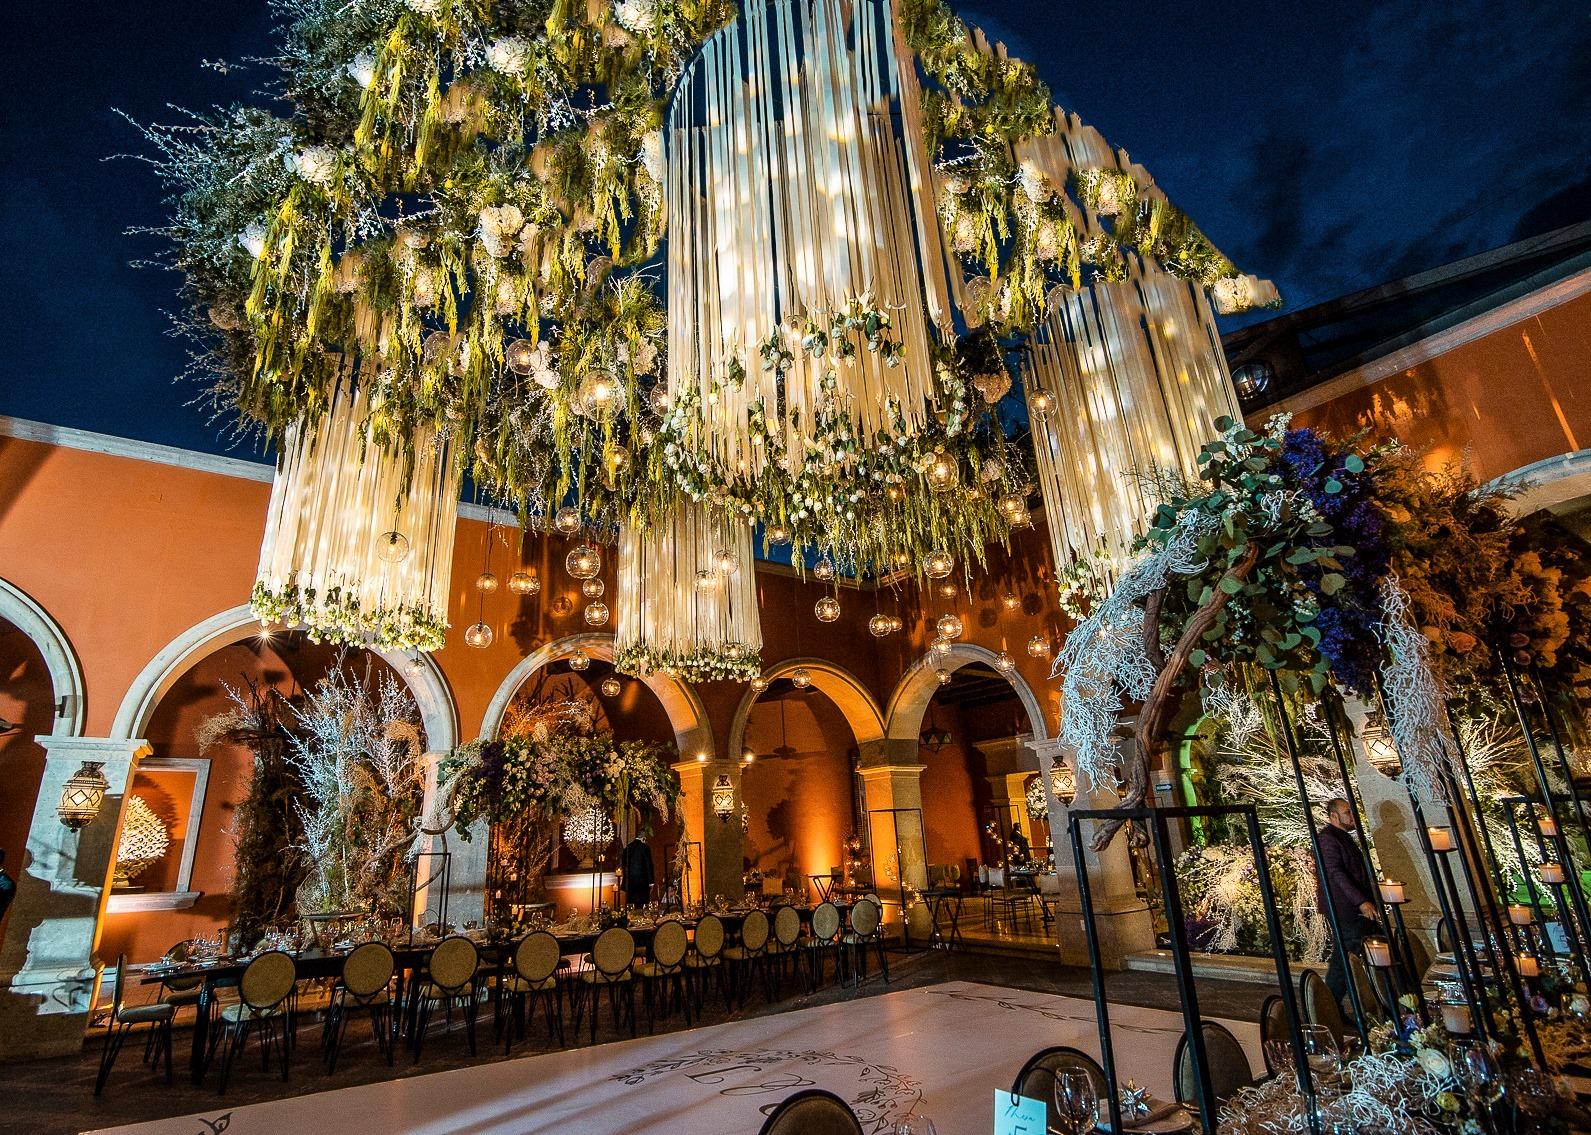 Joshua Vital Wedding Planner, Wedding Planner en Guanajuato, Wedding Planner en San Miguel de Allende - Wedding Hub - 03